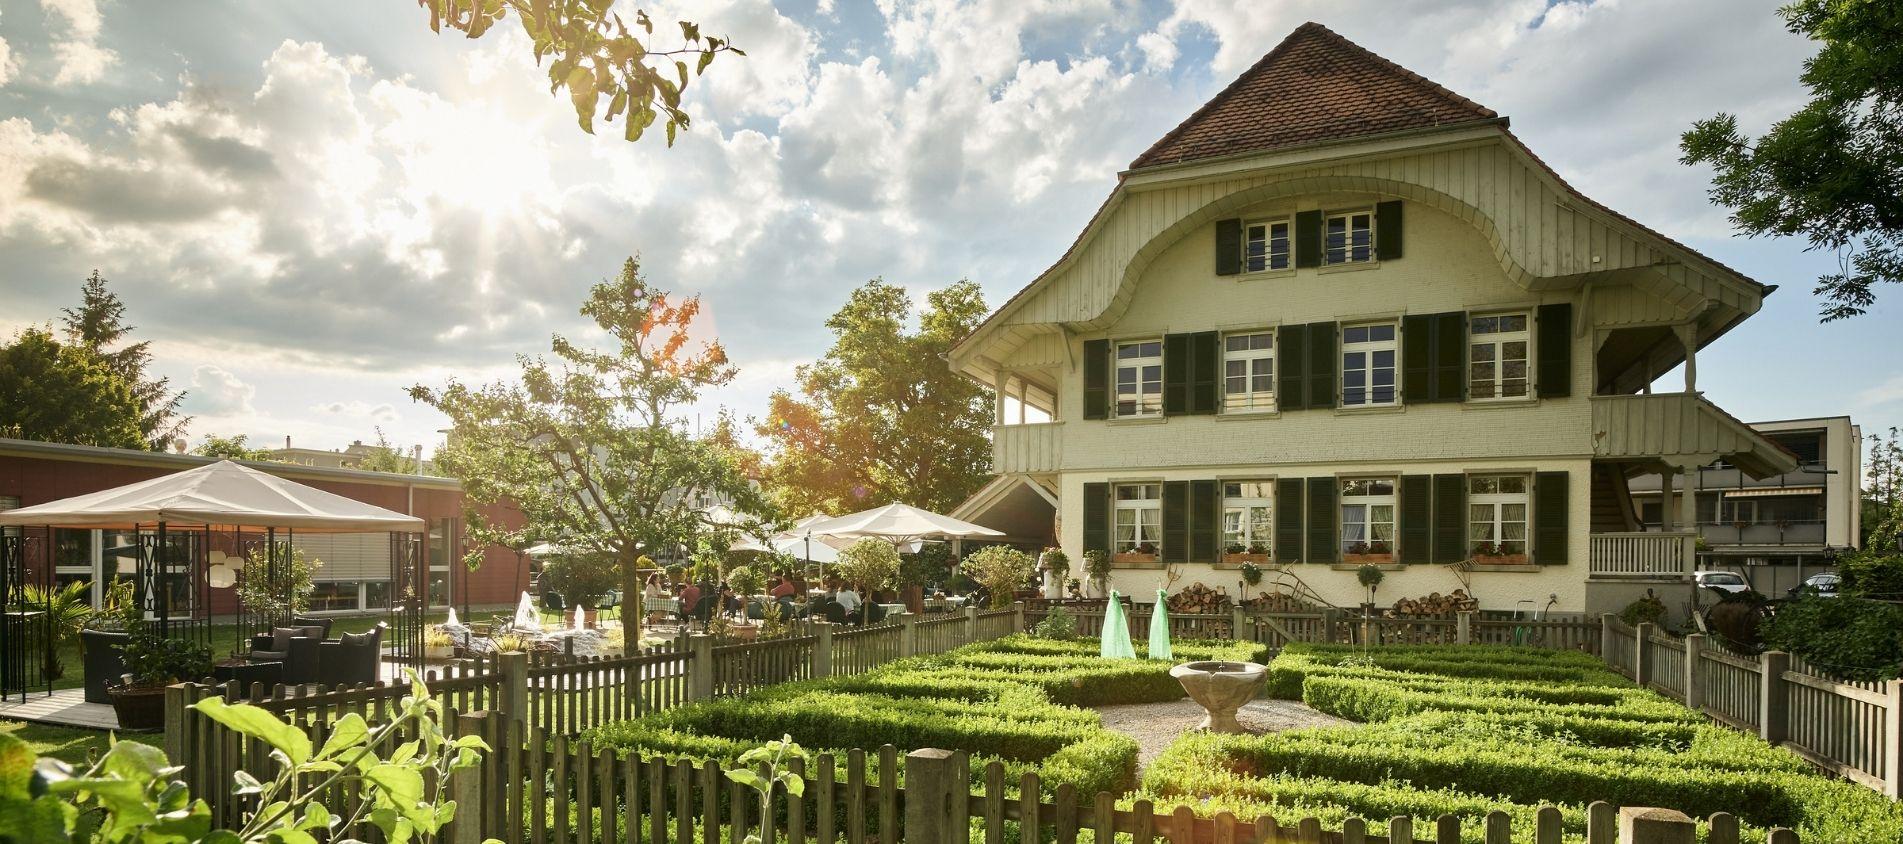 Bauernhaus von aussen mit Garten und Baum vorne dran